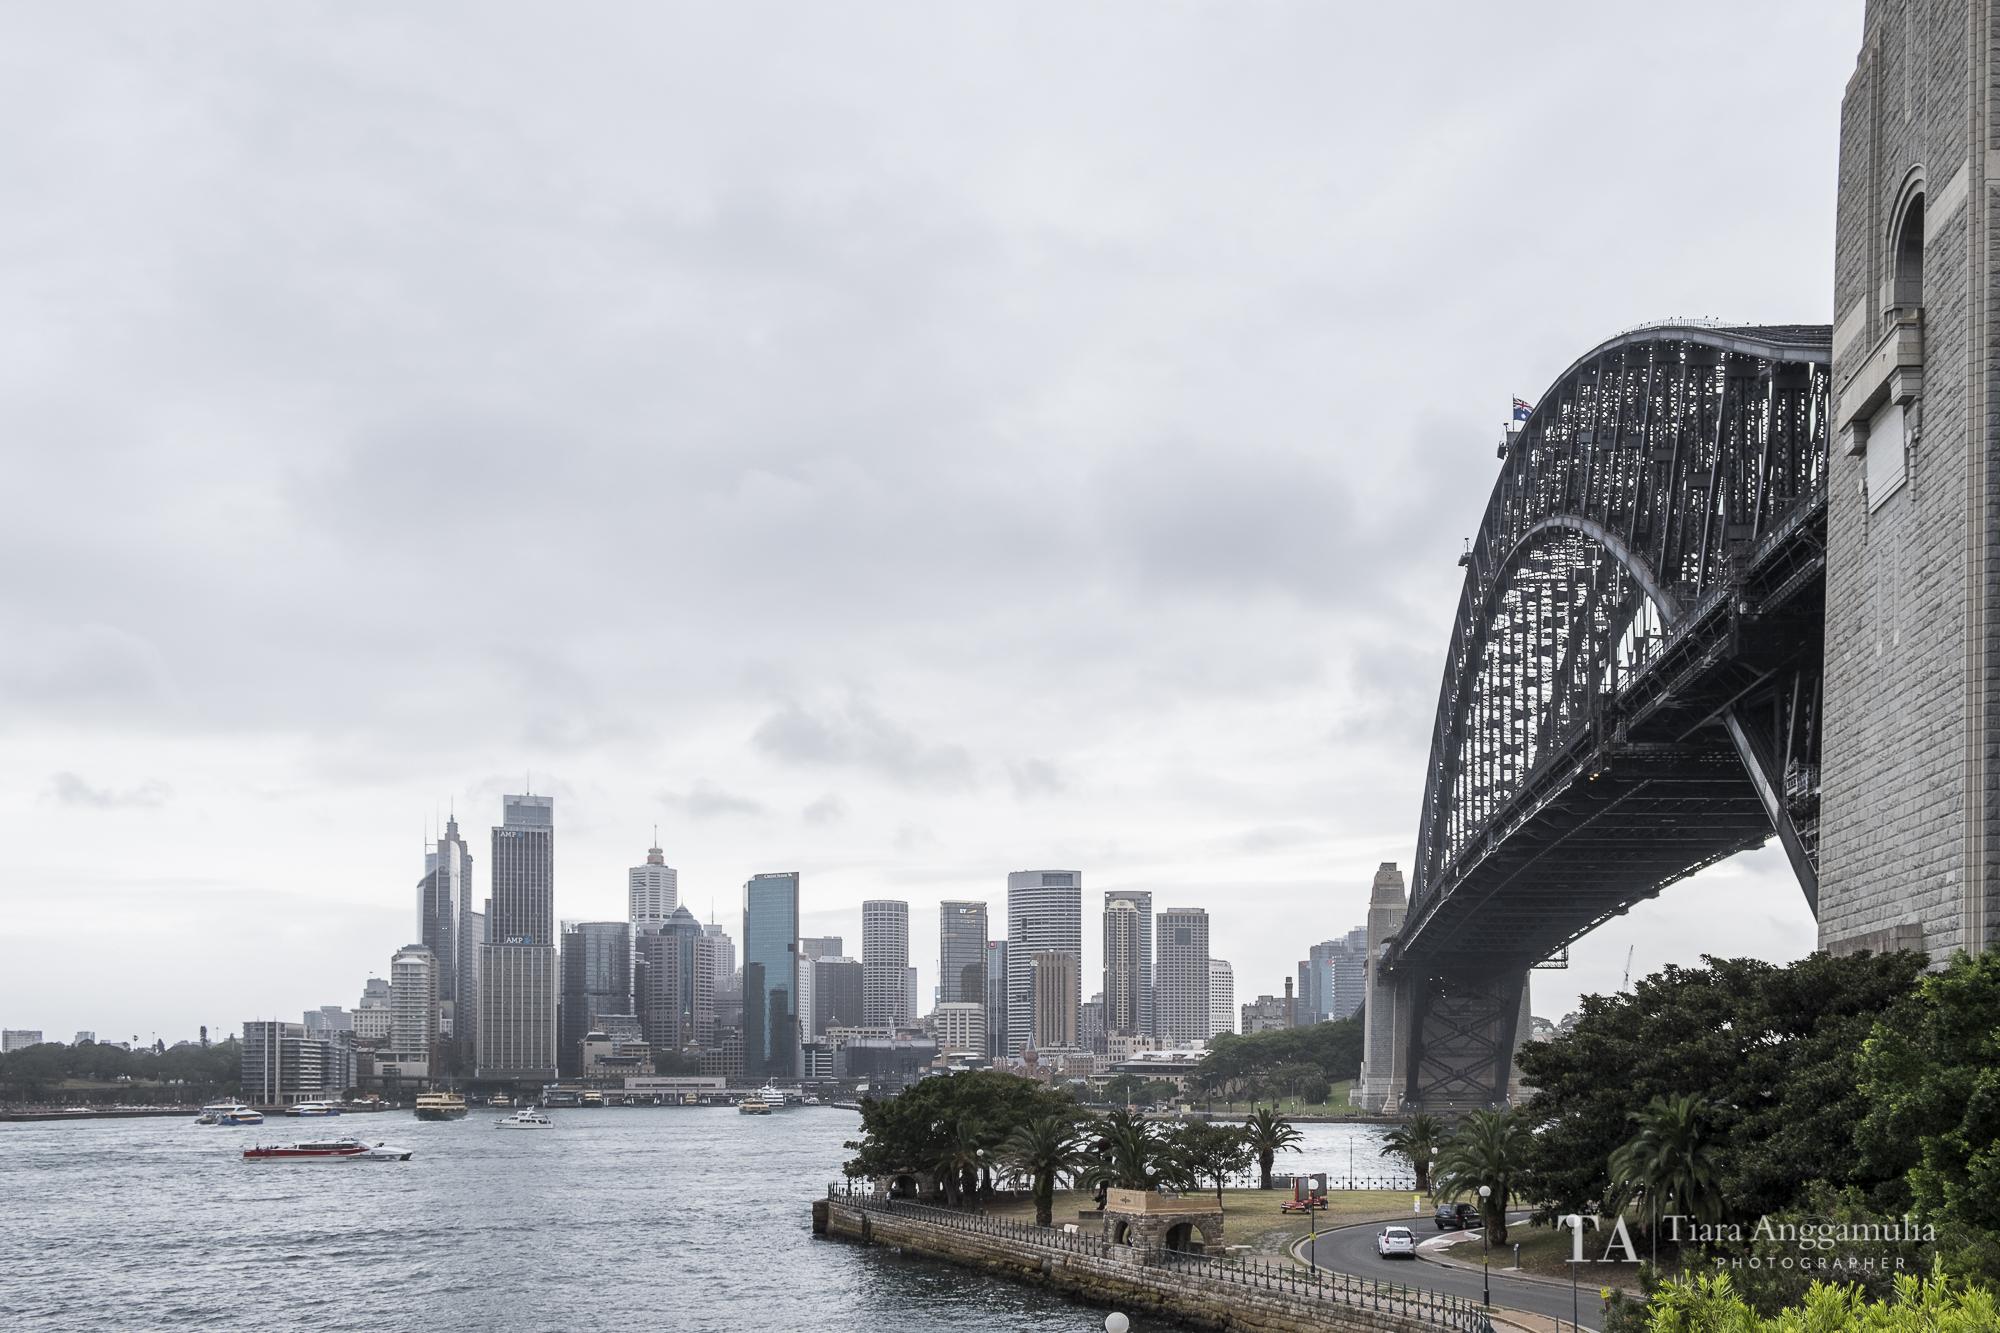 A view towards the Sydney Harbour Bridge.